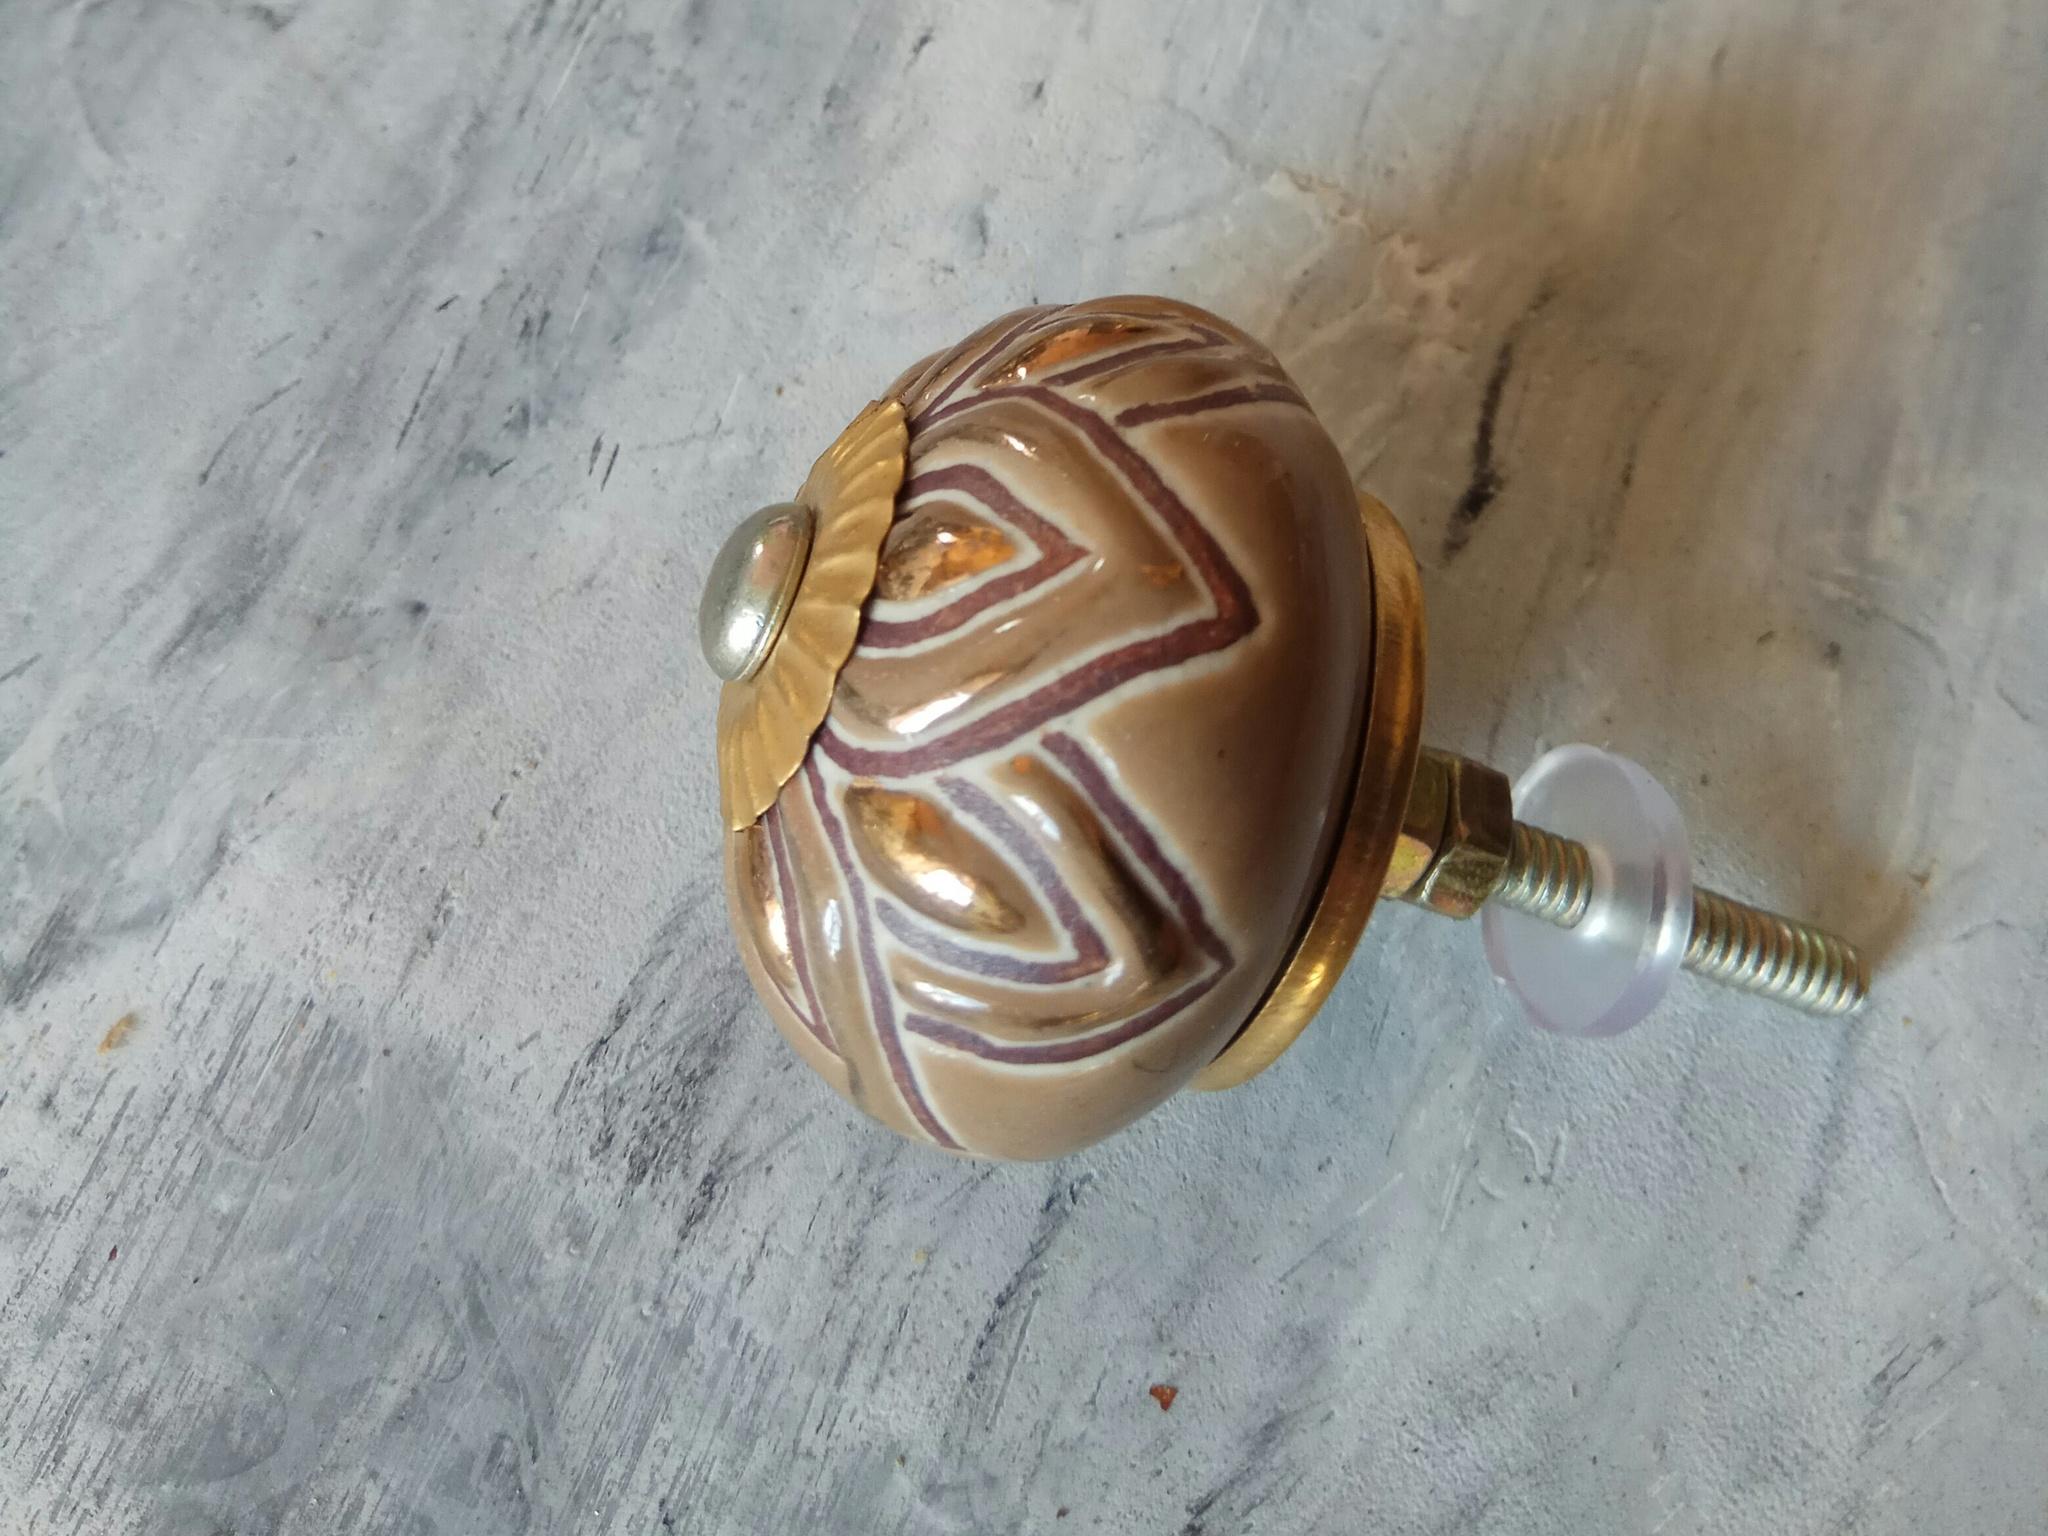 Ручка мебельная керамическая  - цвет молочный шоколад с золотым орнаментом, арт. 00001036